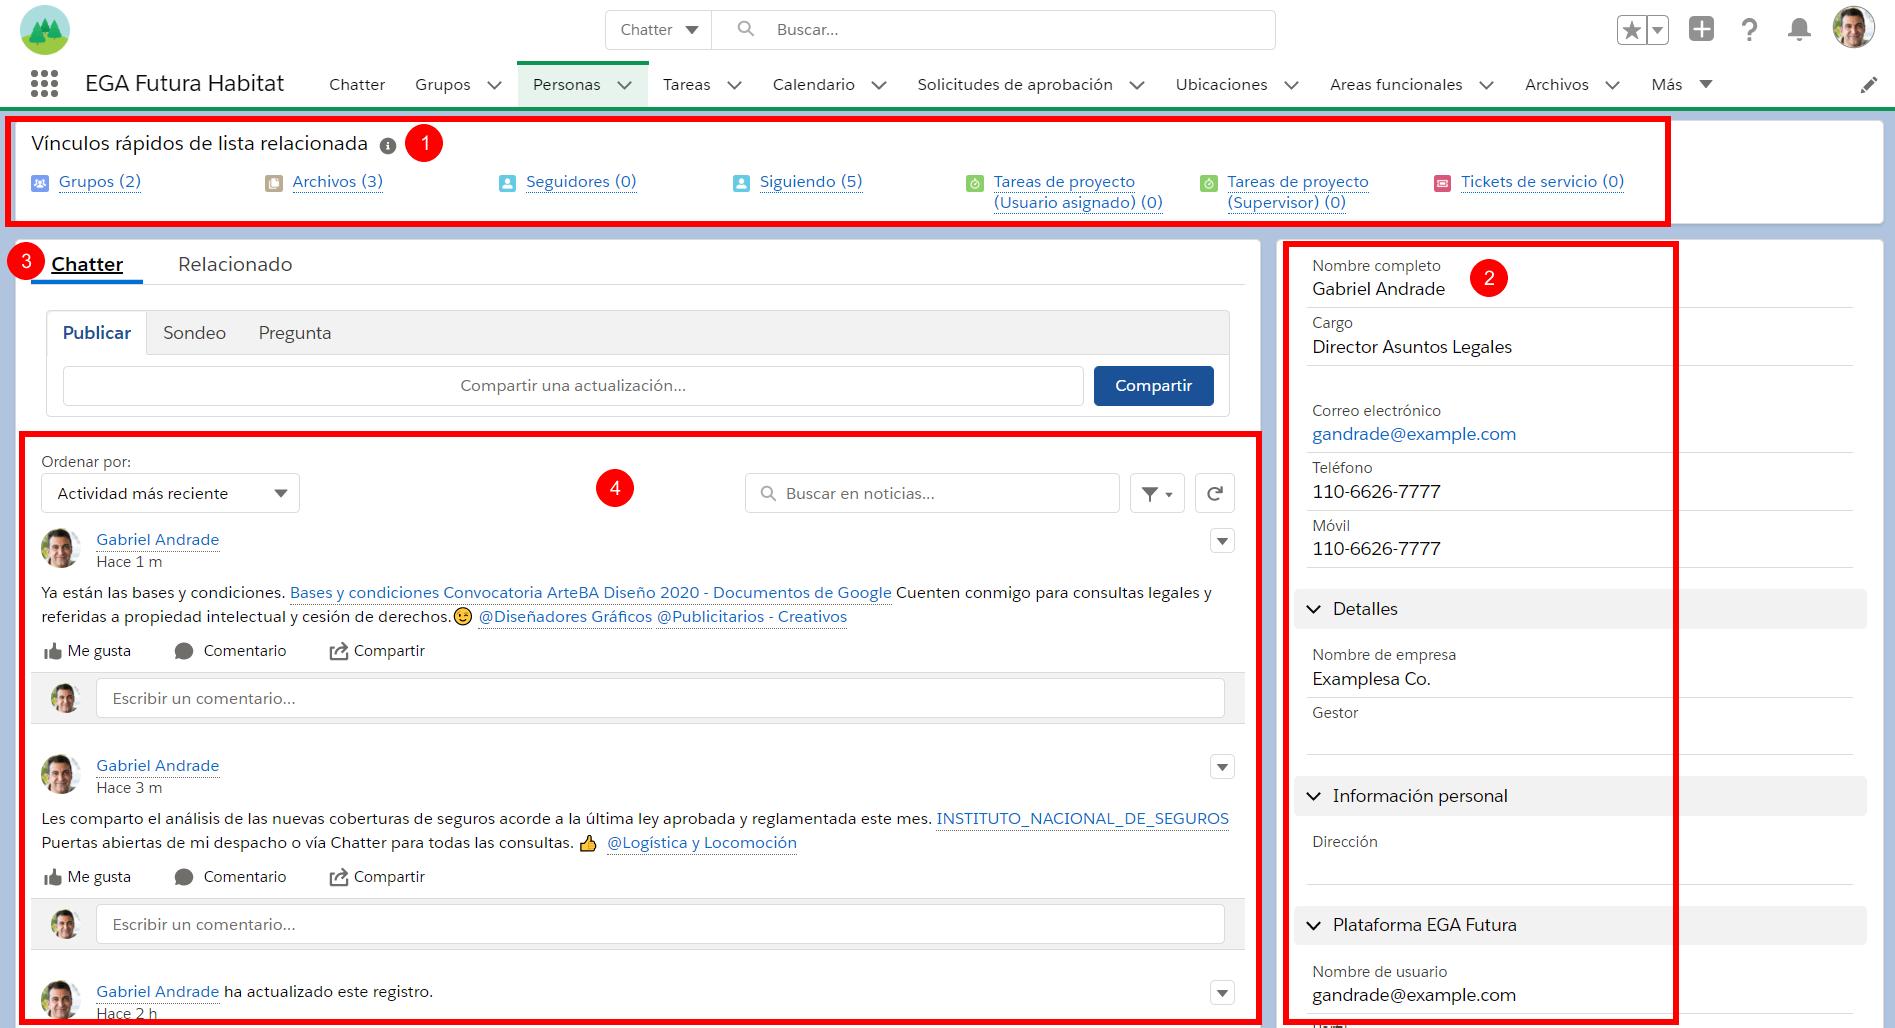 sectores perfil usuario plataforma EGA Futura ERP nube